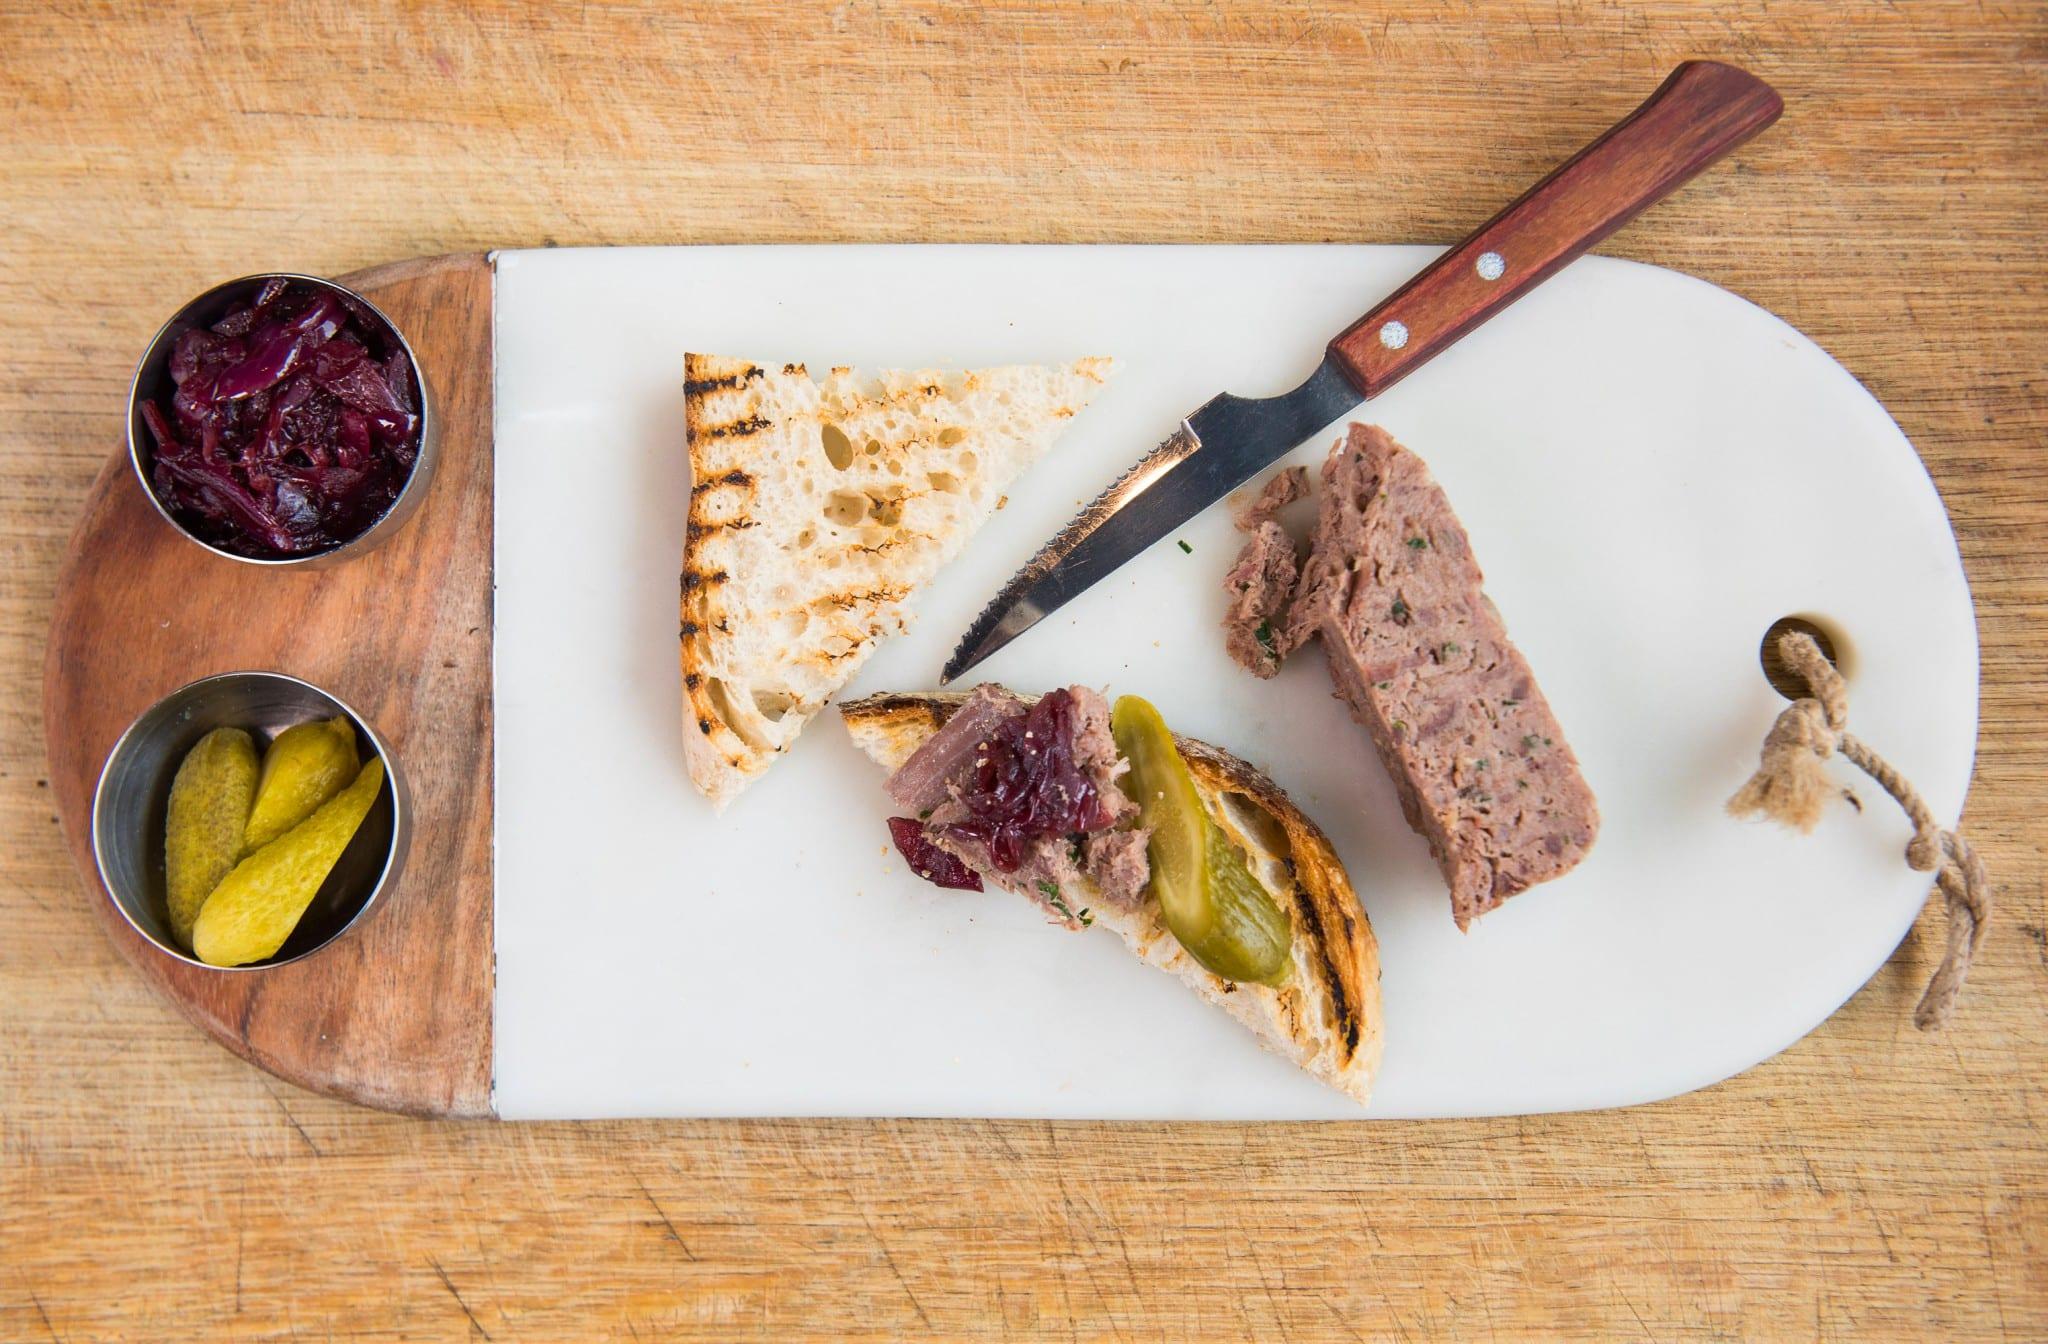 Rilette är en fransk klassiker – kött som är kokt i fett och kryddor. Servera riletten som förrätt på ett grillat surdegsbröd med cornichoner och portvinskokta rödlökar. Om du inte har vildsvinskött – använd hjort eller älg. Foto: Lena Runer